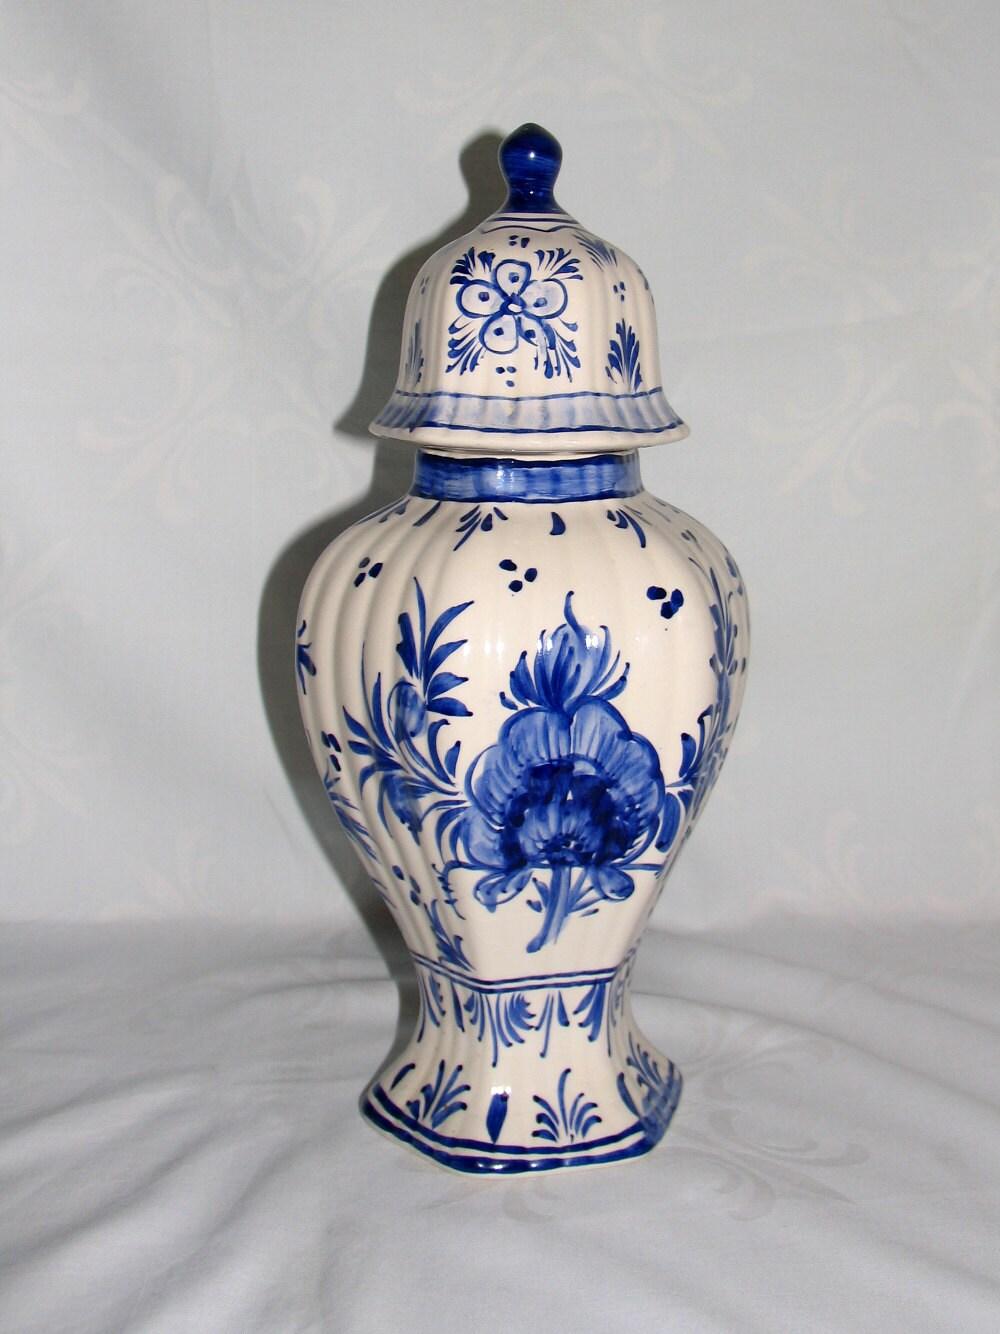 porzellan deckelvase vase aus holland niederlande vintage. Black Bedroom Furniture Sets. Home Design Ideas